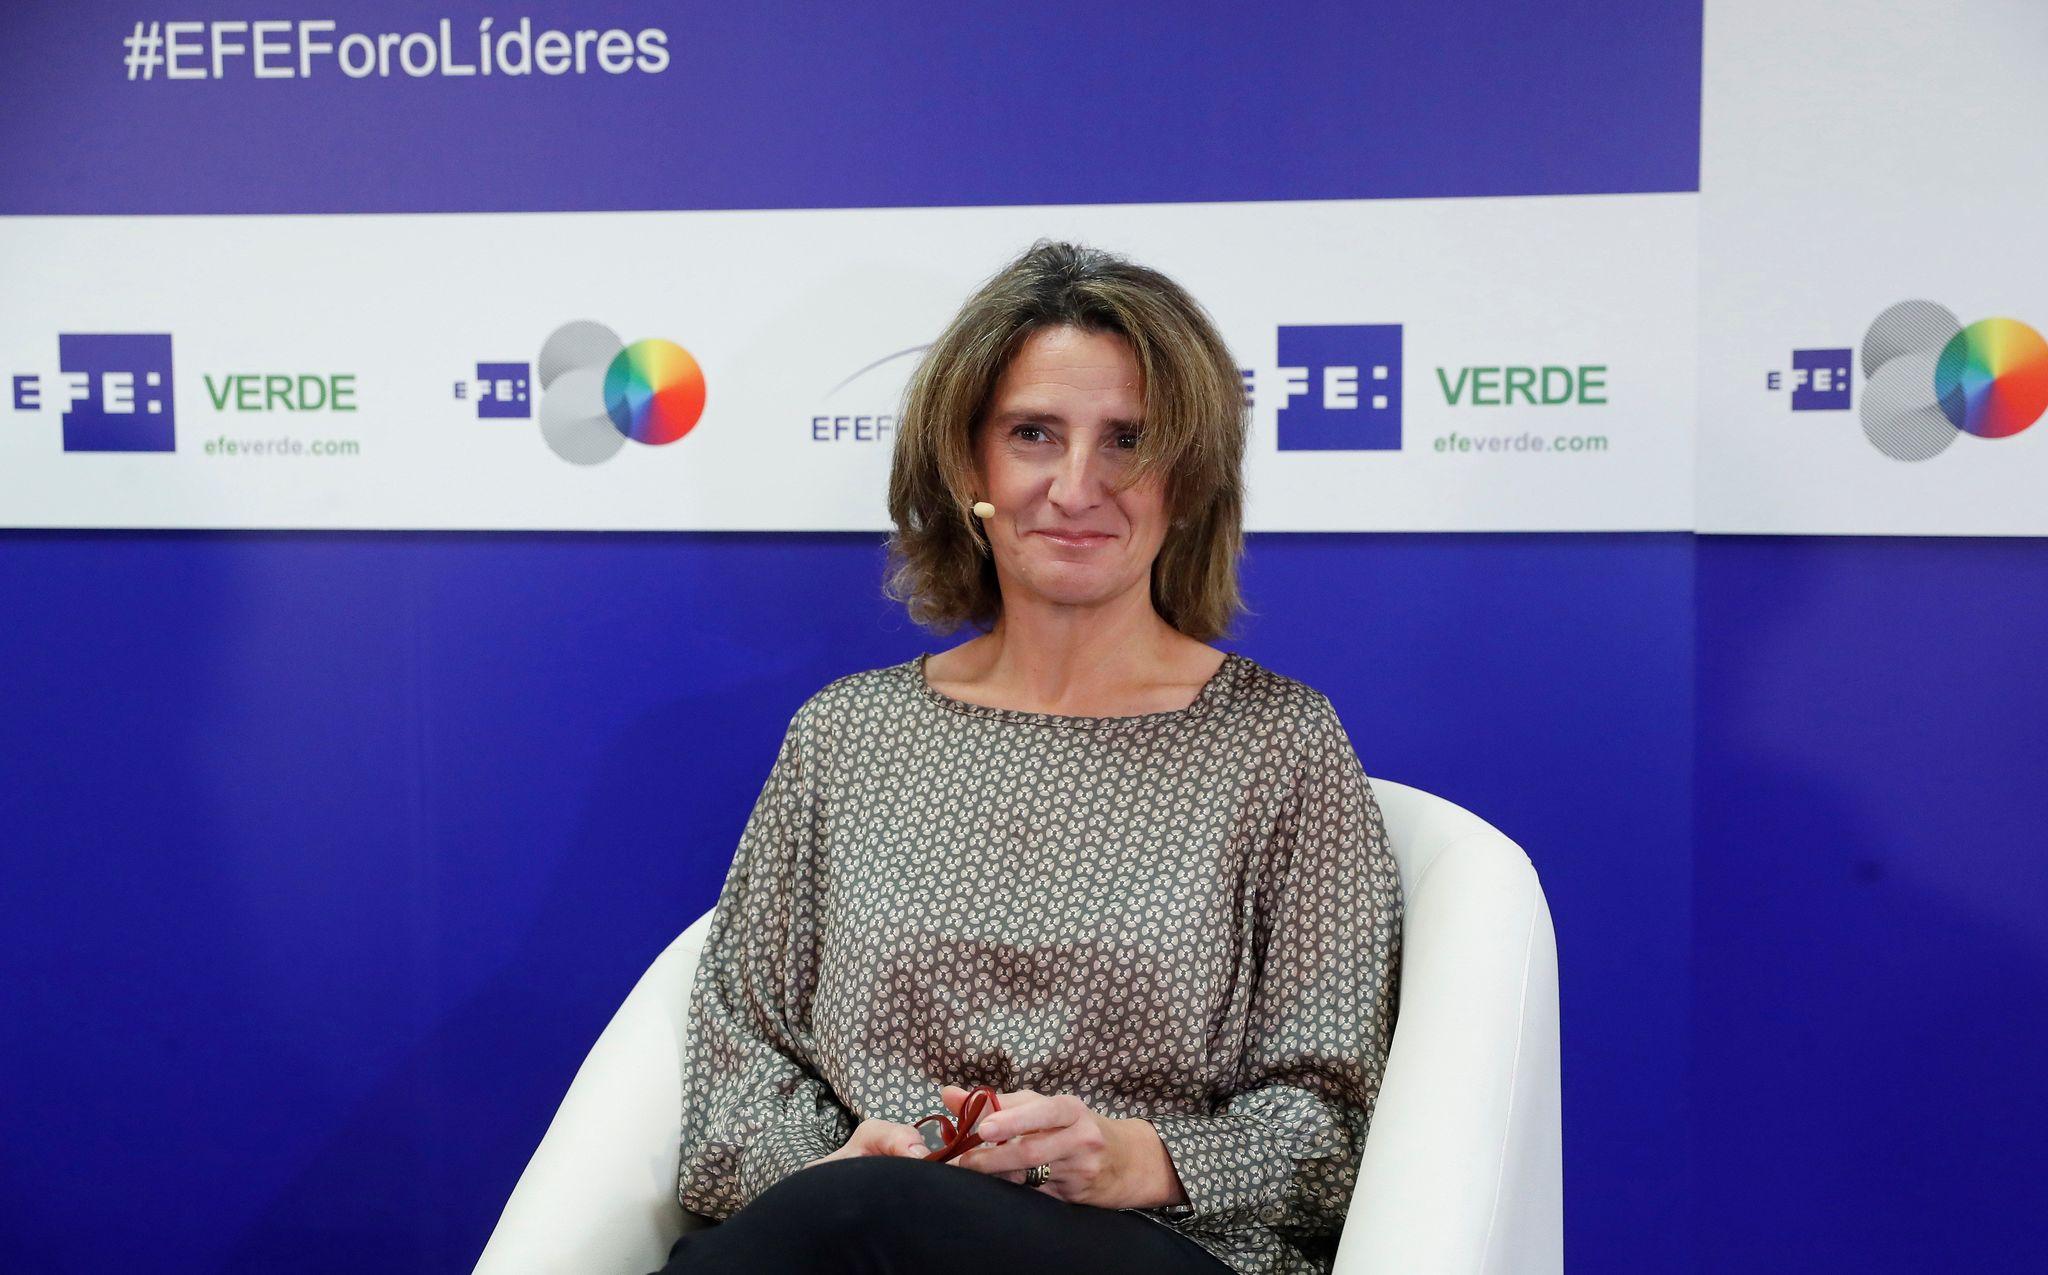 La ministra para la Transición Ecológica en funciones, Teresa Ribera, en el Foro Líderes de la Agencia EFE